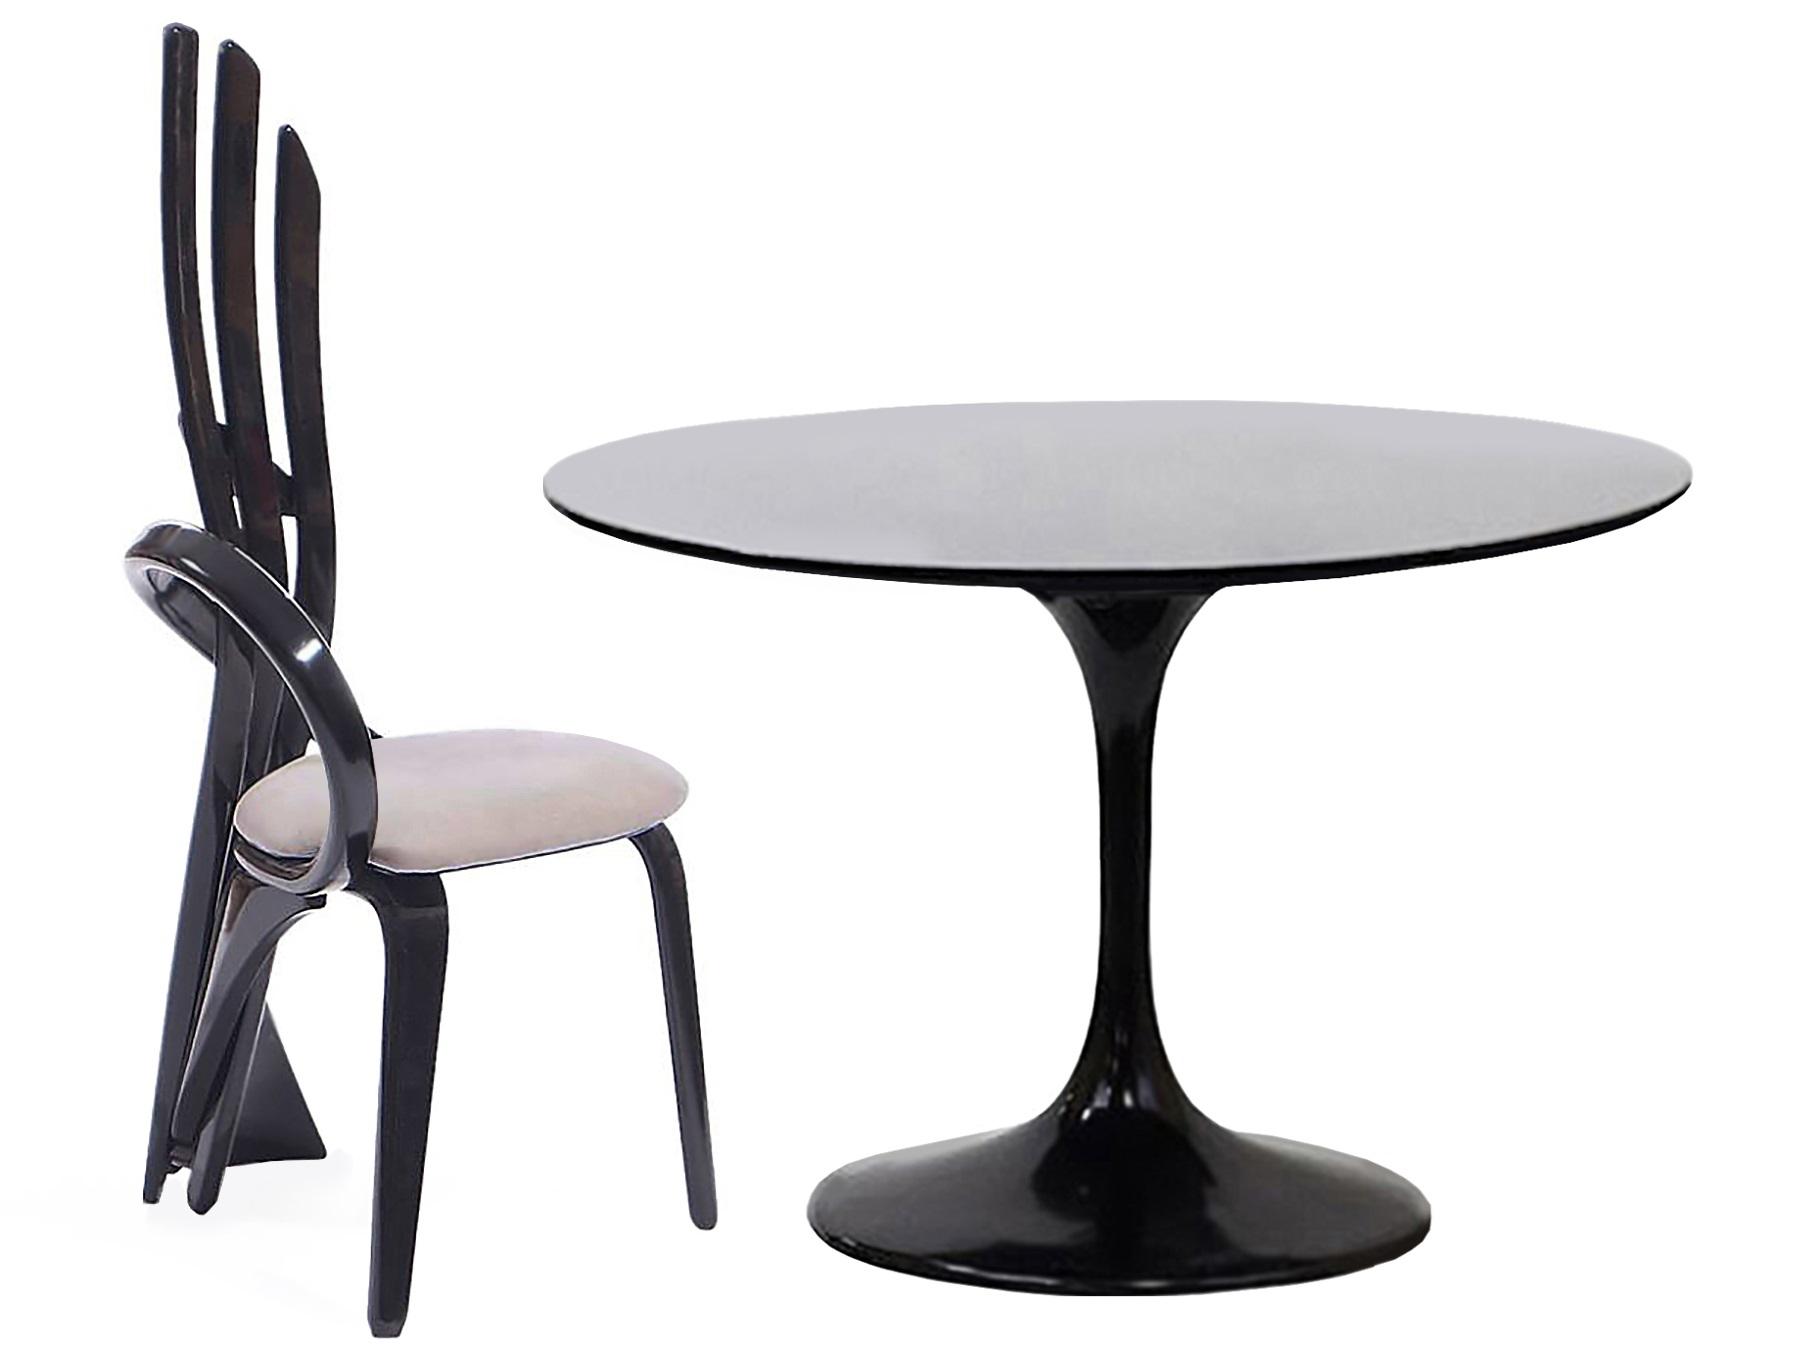 Обеденная группа Apriori TКомплекты для столовой<br>Обеденный круглый стол с лаконичным основанием из акрилового камня. <br>Стол в комплекте со стульями серии  &amp;quot;Бразо М&amp;quot;. Такой яркий деревянный стул будет актуален для современного интерьера или стиля лофт. Он отлично подойдёт для дома, лоджии, сада, а также для кафе и баров.&amp;lt;div&amp;gt;&amp;lt;br&amp;gt;&amp;lt;/div&amp;gt;&amp;lt;div&amp;gt;Размеры стола : 90/77 см.&amp;amp;nbsp;&amp;lt;/div&amp;gt;&amp;lt;div&amp;gt;Материал стола: акриловый камень&amp;amp;nbsp;&amp;lt;/div&amp;gt;&amp;lt;div&amp;gt;Размеры стула: 57х52х114см.&amp;amp;nbsp;&amp;lt;/div&amp;gt;&amp;lt;div&amp;gt;Материал стула: массив березы.&amp;amp;nbsp;&amp;lt;/div&amp;gt;<br><br>Material: Дерево<br>Ширина см: 52.0<br>Высота см: 114.0<br>Глубина см: 57.0